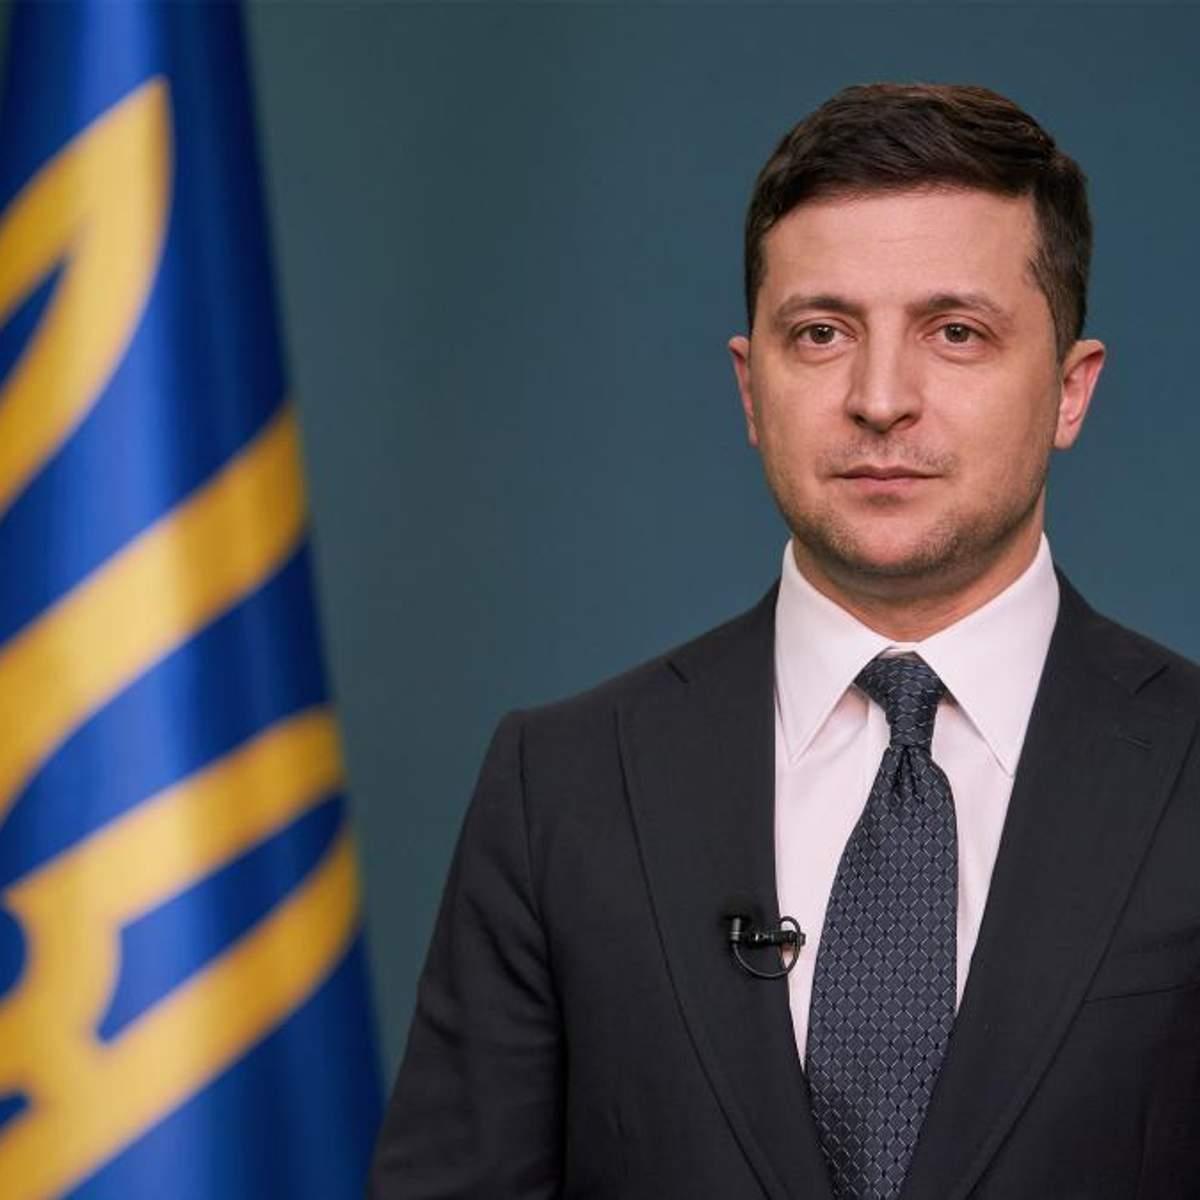 Зеленский поздравил украинцов с годовщиной референдума о независимости